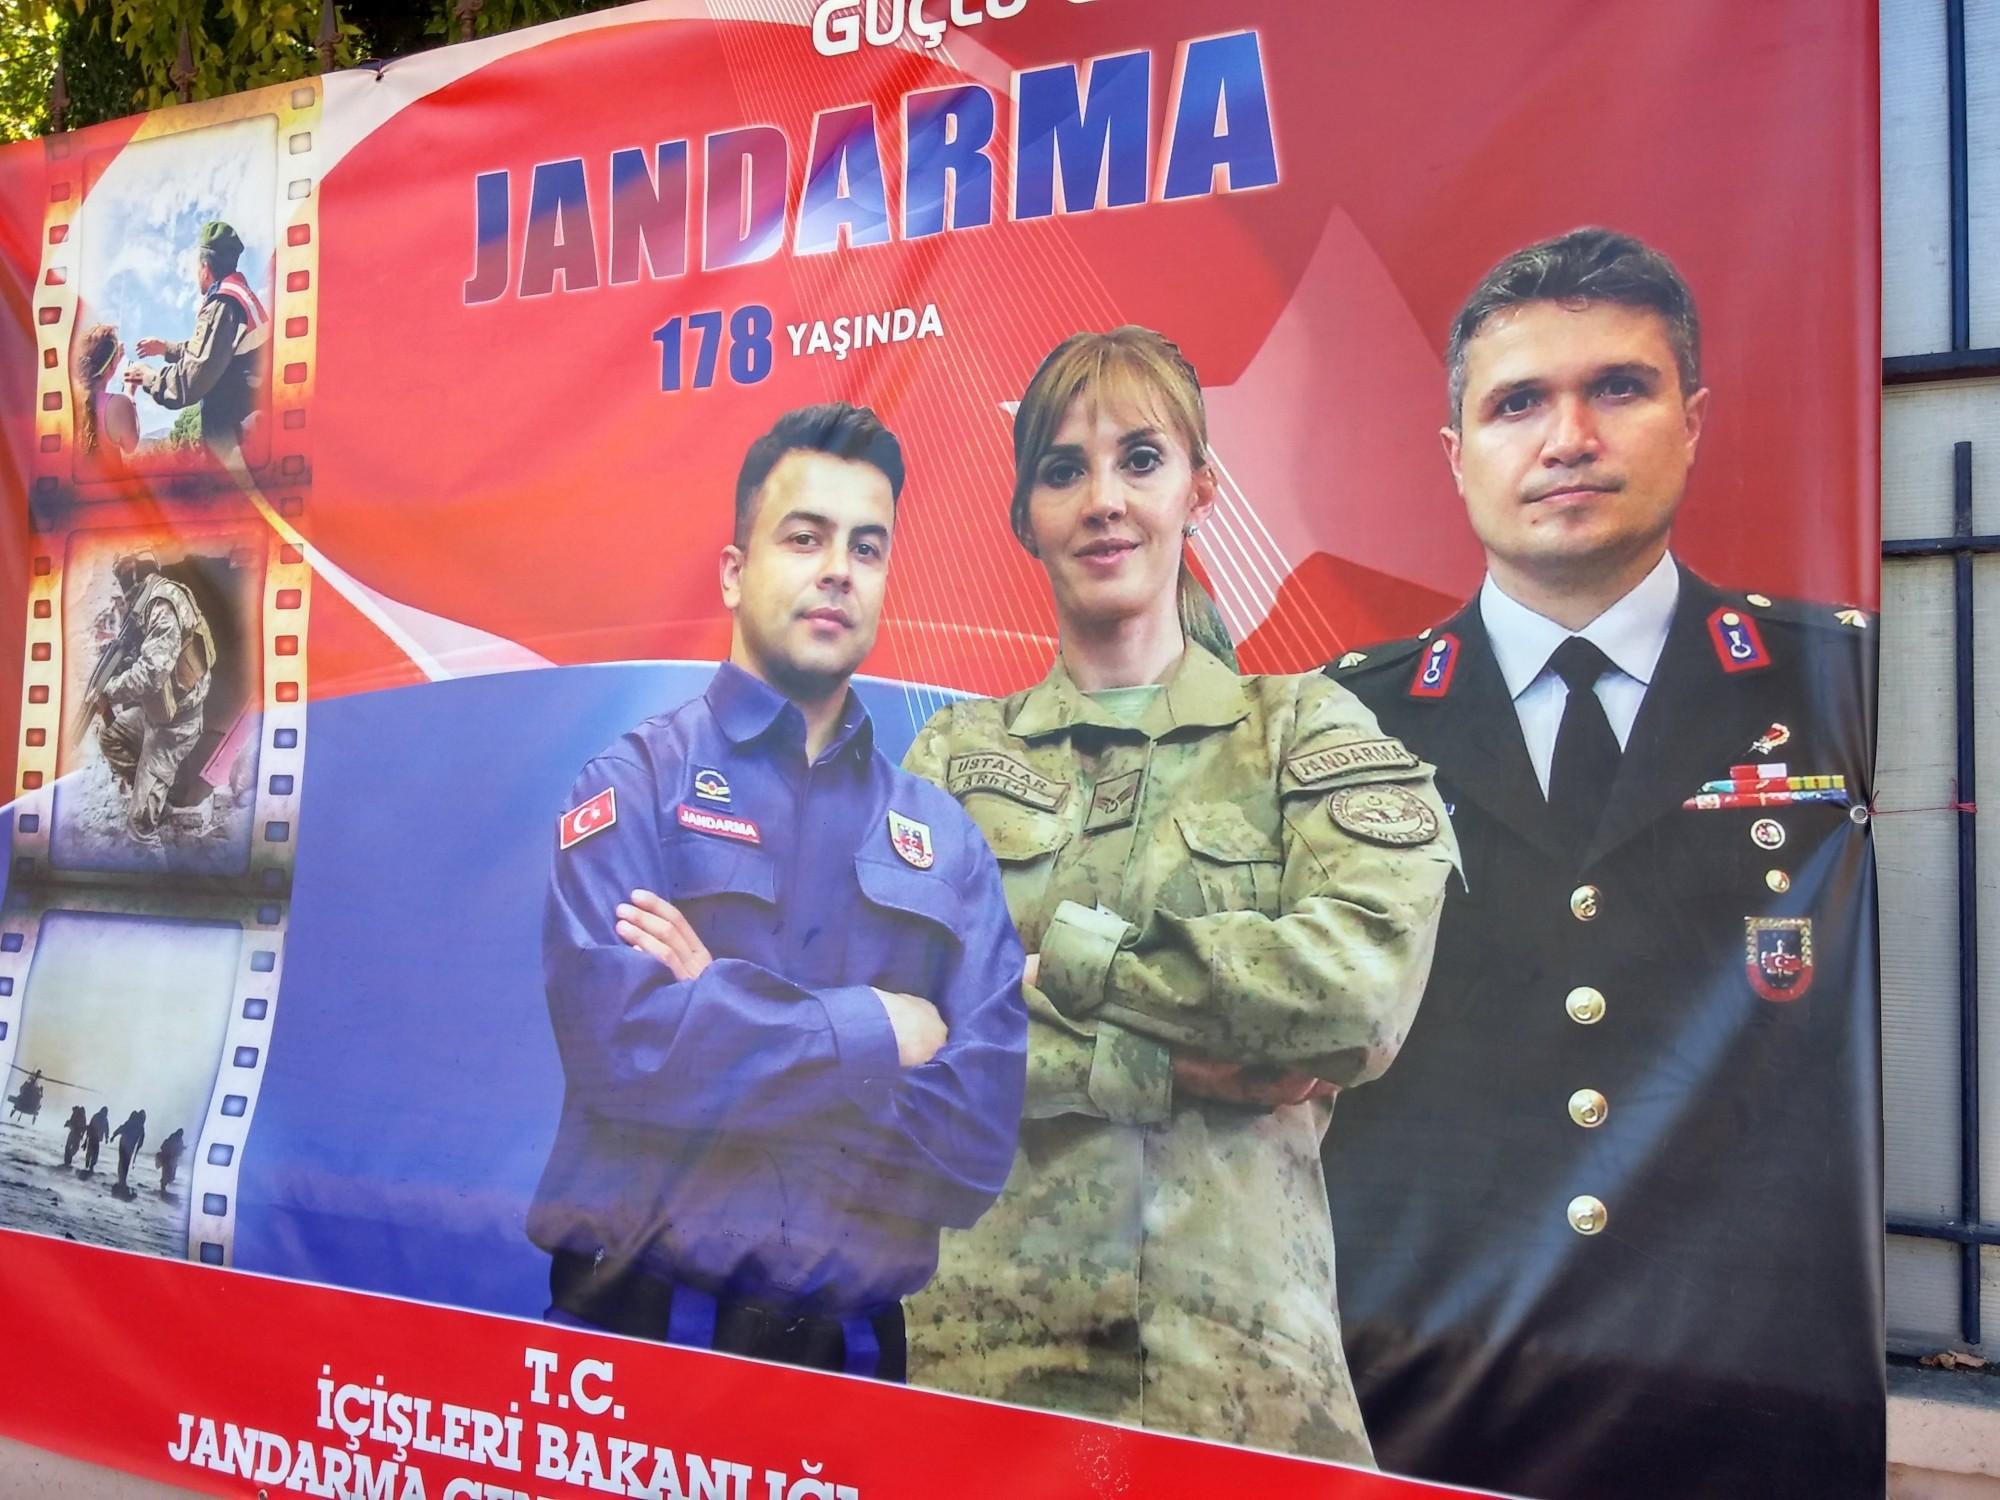 Jandarma jak z reklamy